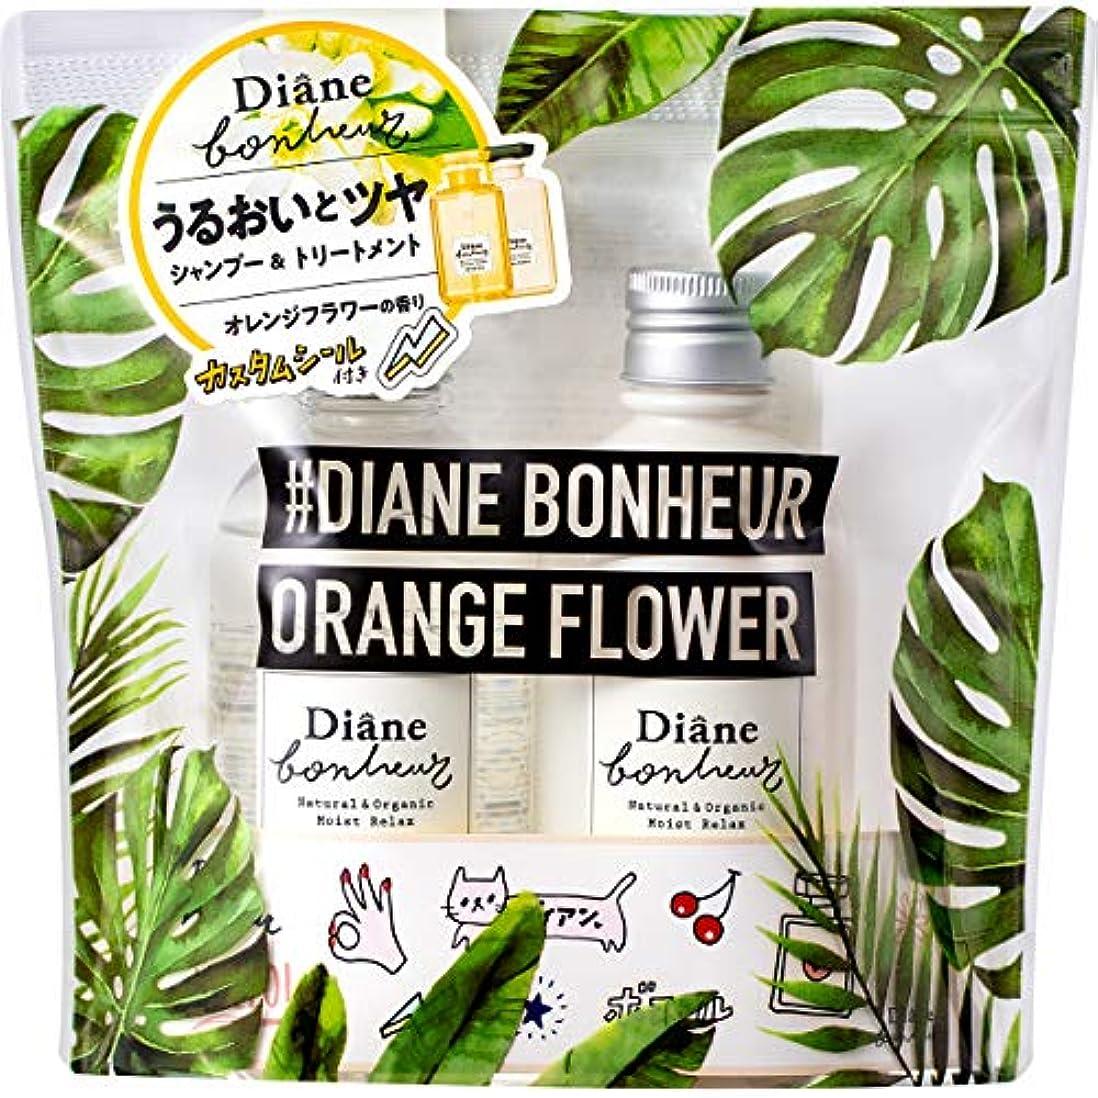 匹敵します恩恵オークションDiane Bonheur (ダイアン ボヌール) ダイアン ボヌール シャンプー&トリートメント セット OrangeFlower 200mlボトル ポーチ付 ×2